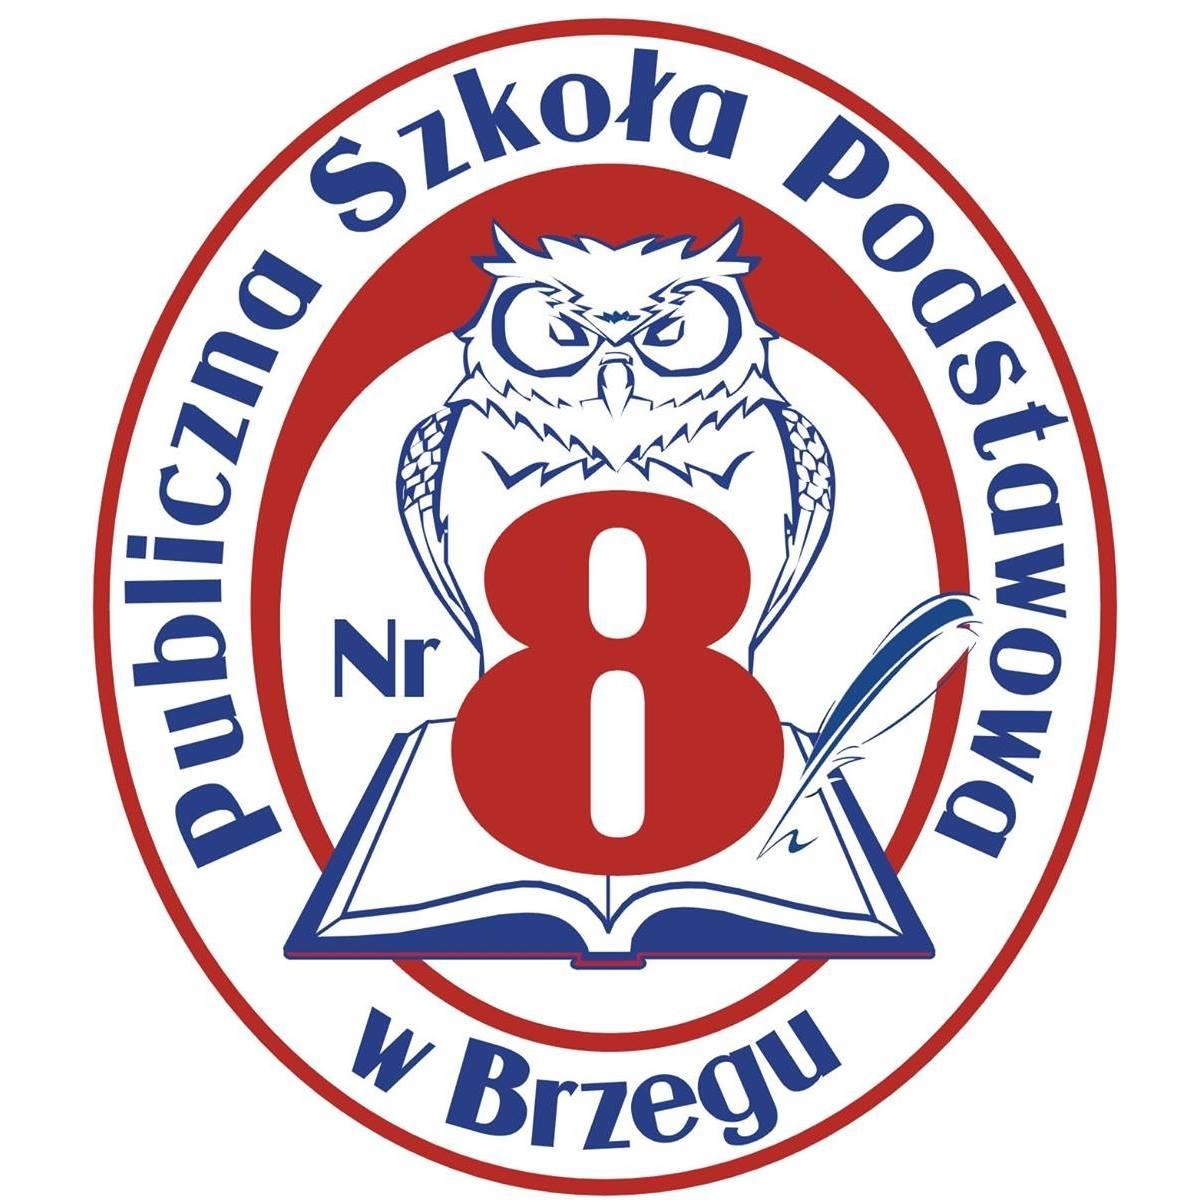 Publiczna Szkoła Podstawowa w Brzegu